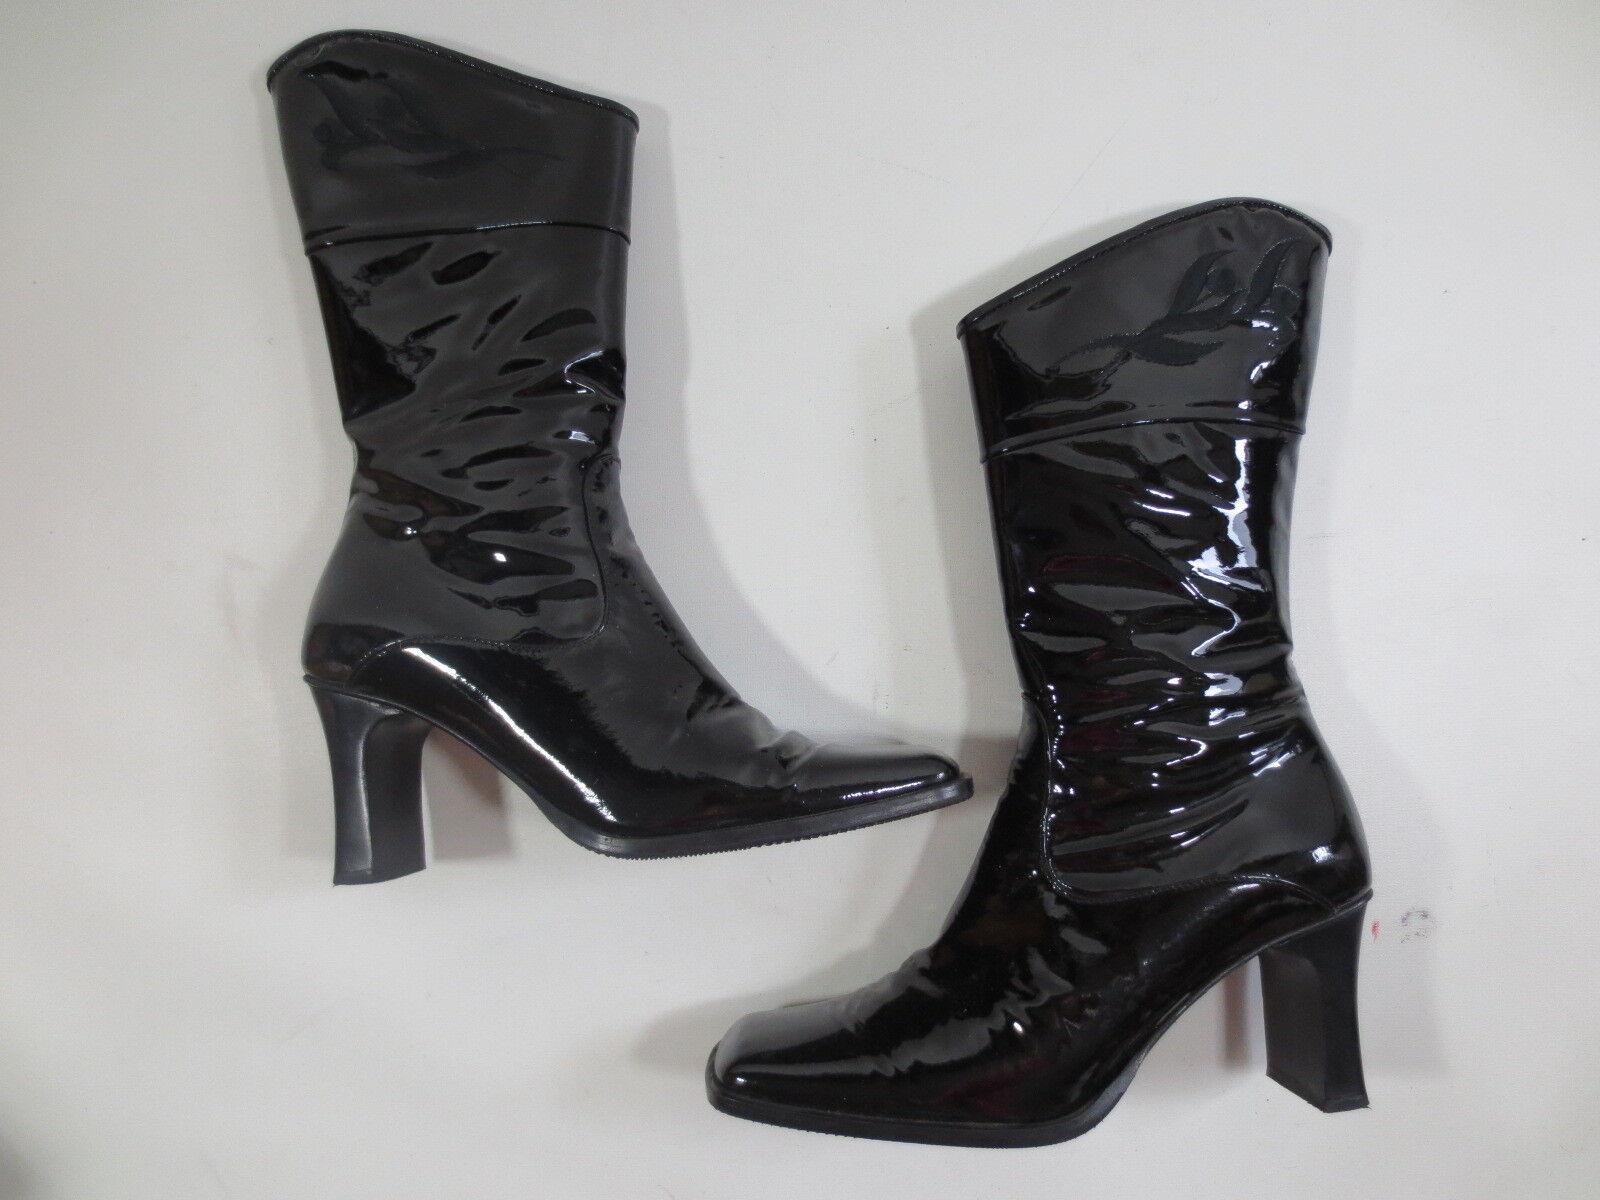 Zapatos especiales con descuento Trachtenstiefel DIRNDL+BUA Trachten Stiefelette 38 Lack Leder schwarz /78